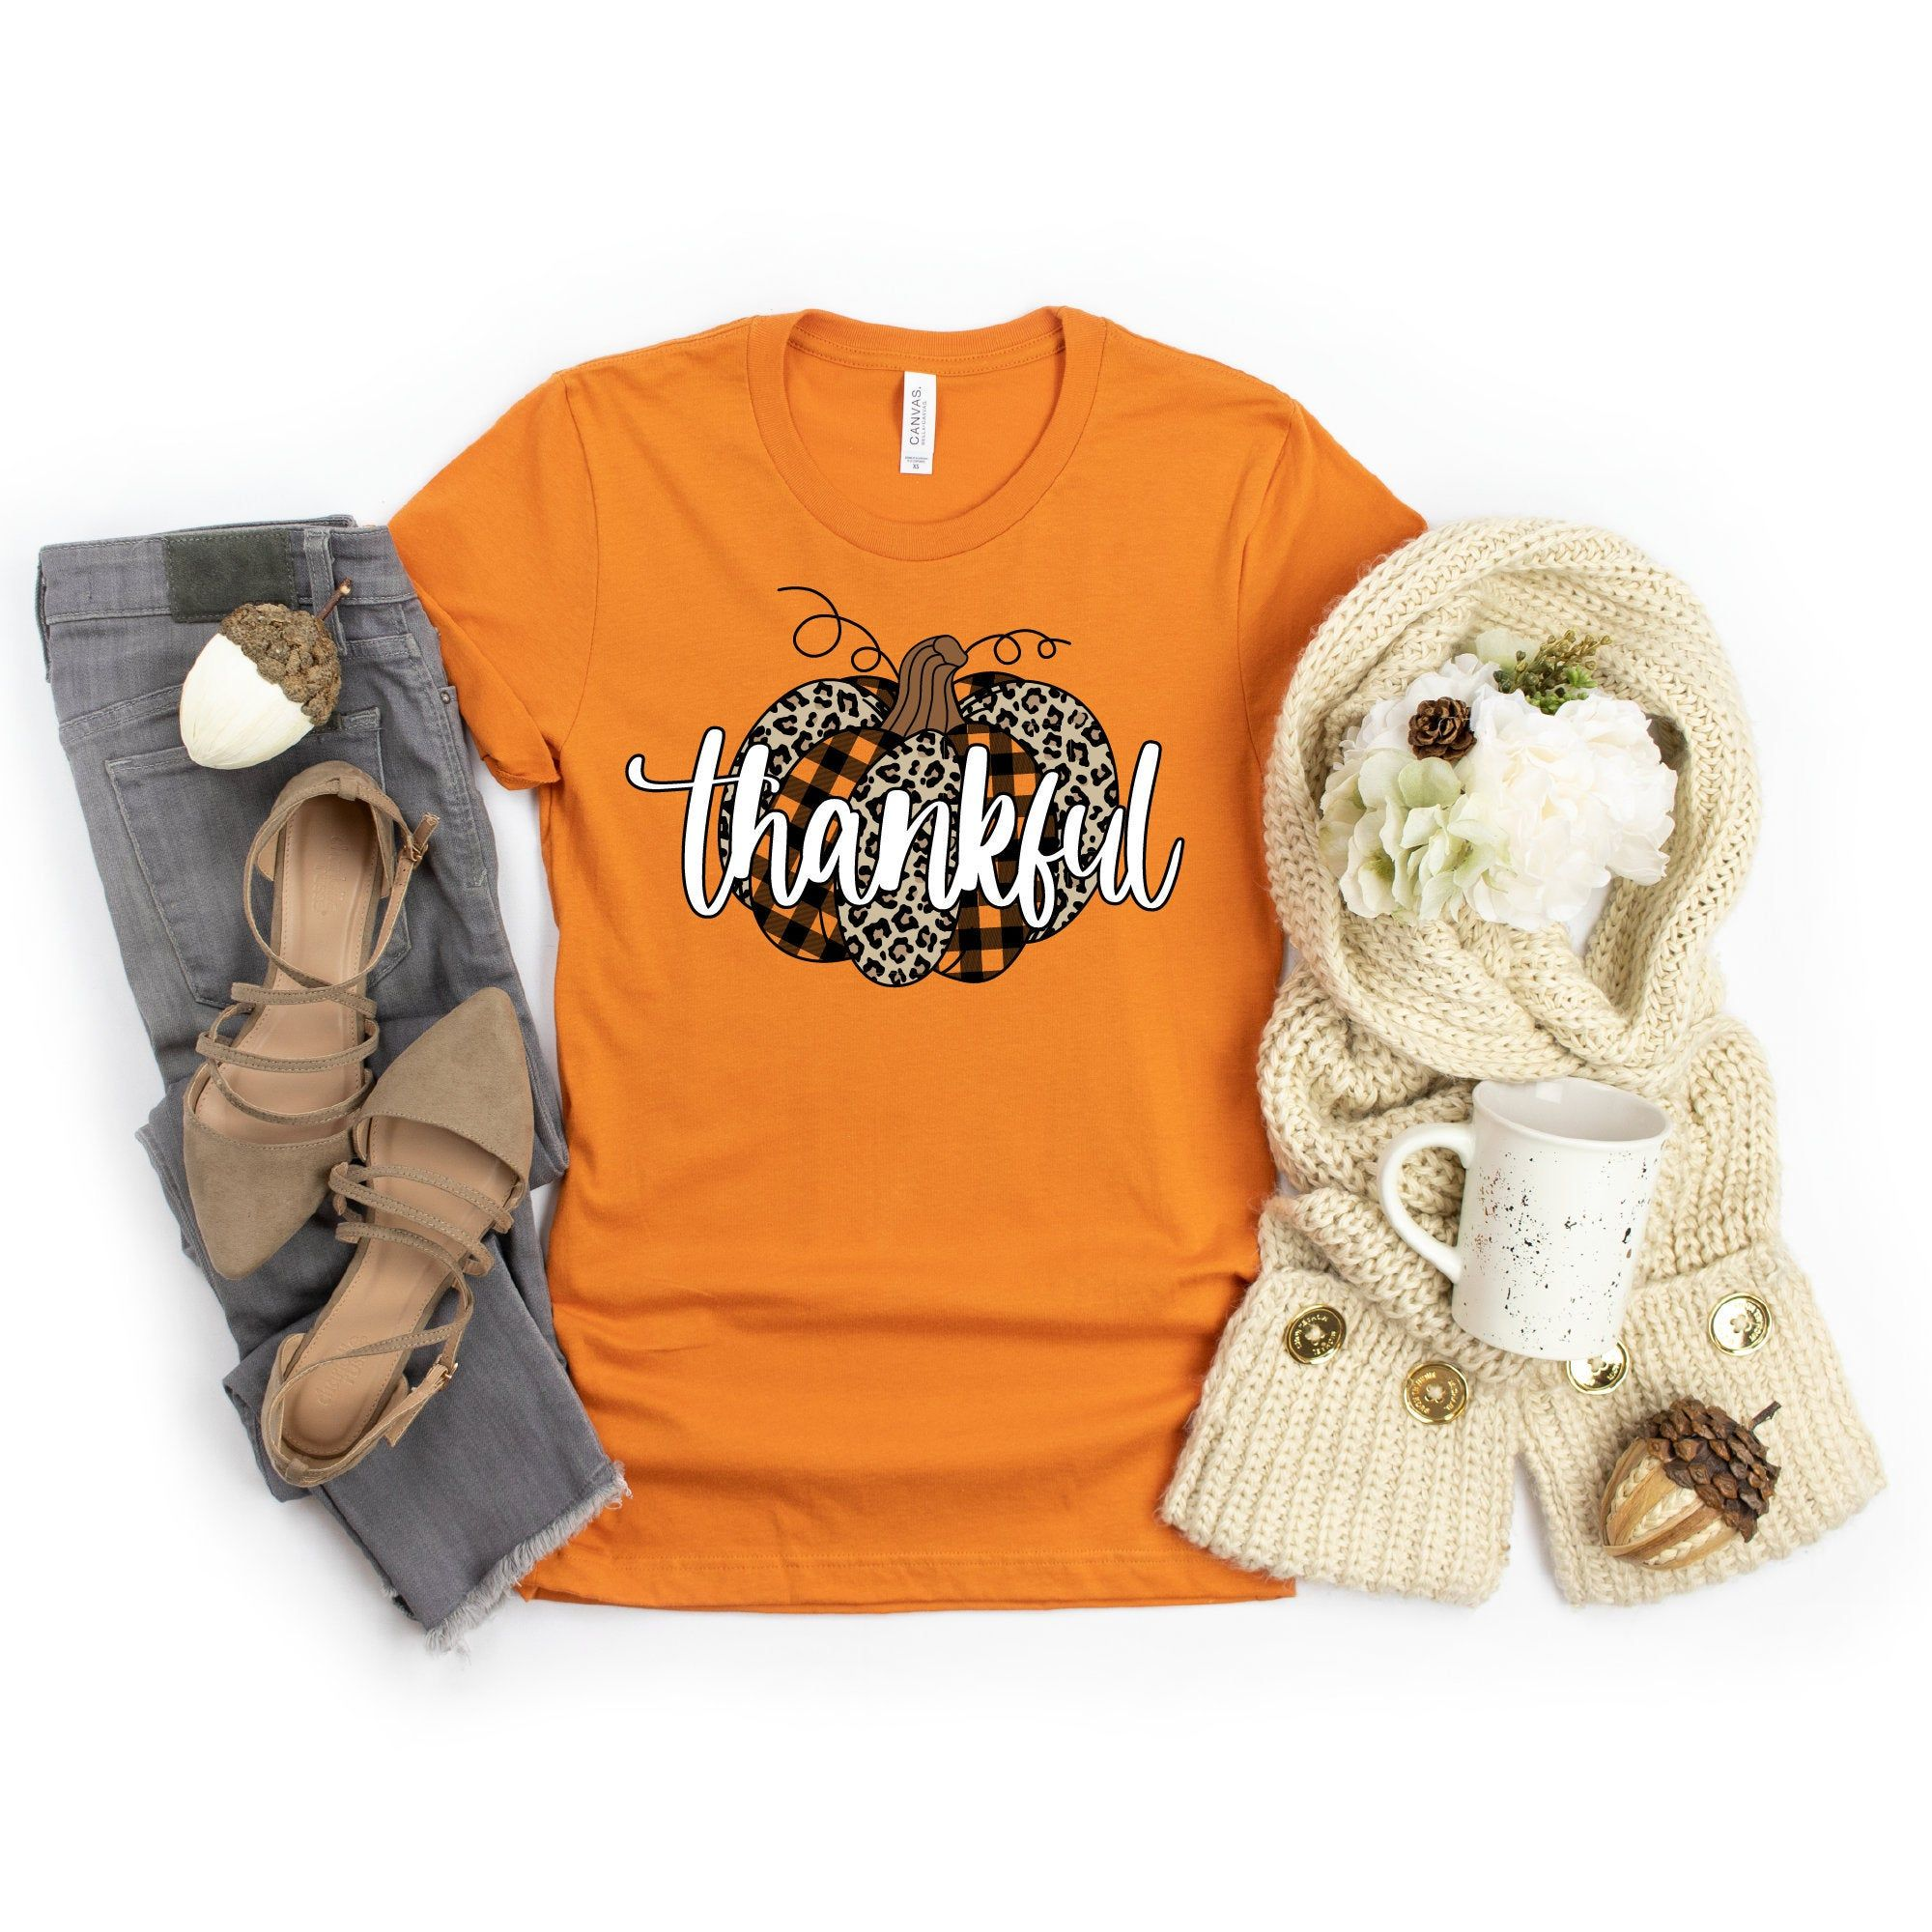 Leopard Pumpkin Shirt Thankful Shirt Cute Fall Shirts For Etsy In 2020 Fall Shirts Thankful Shirt Pumpkin Shirt